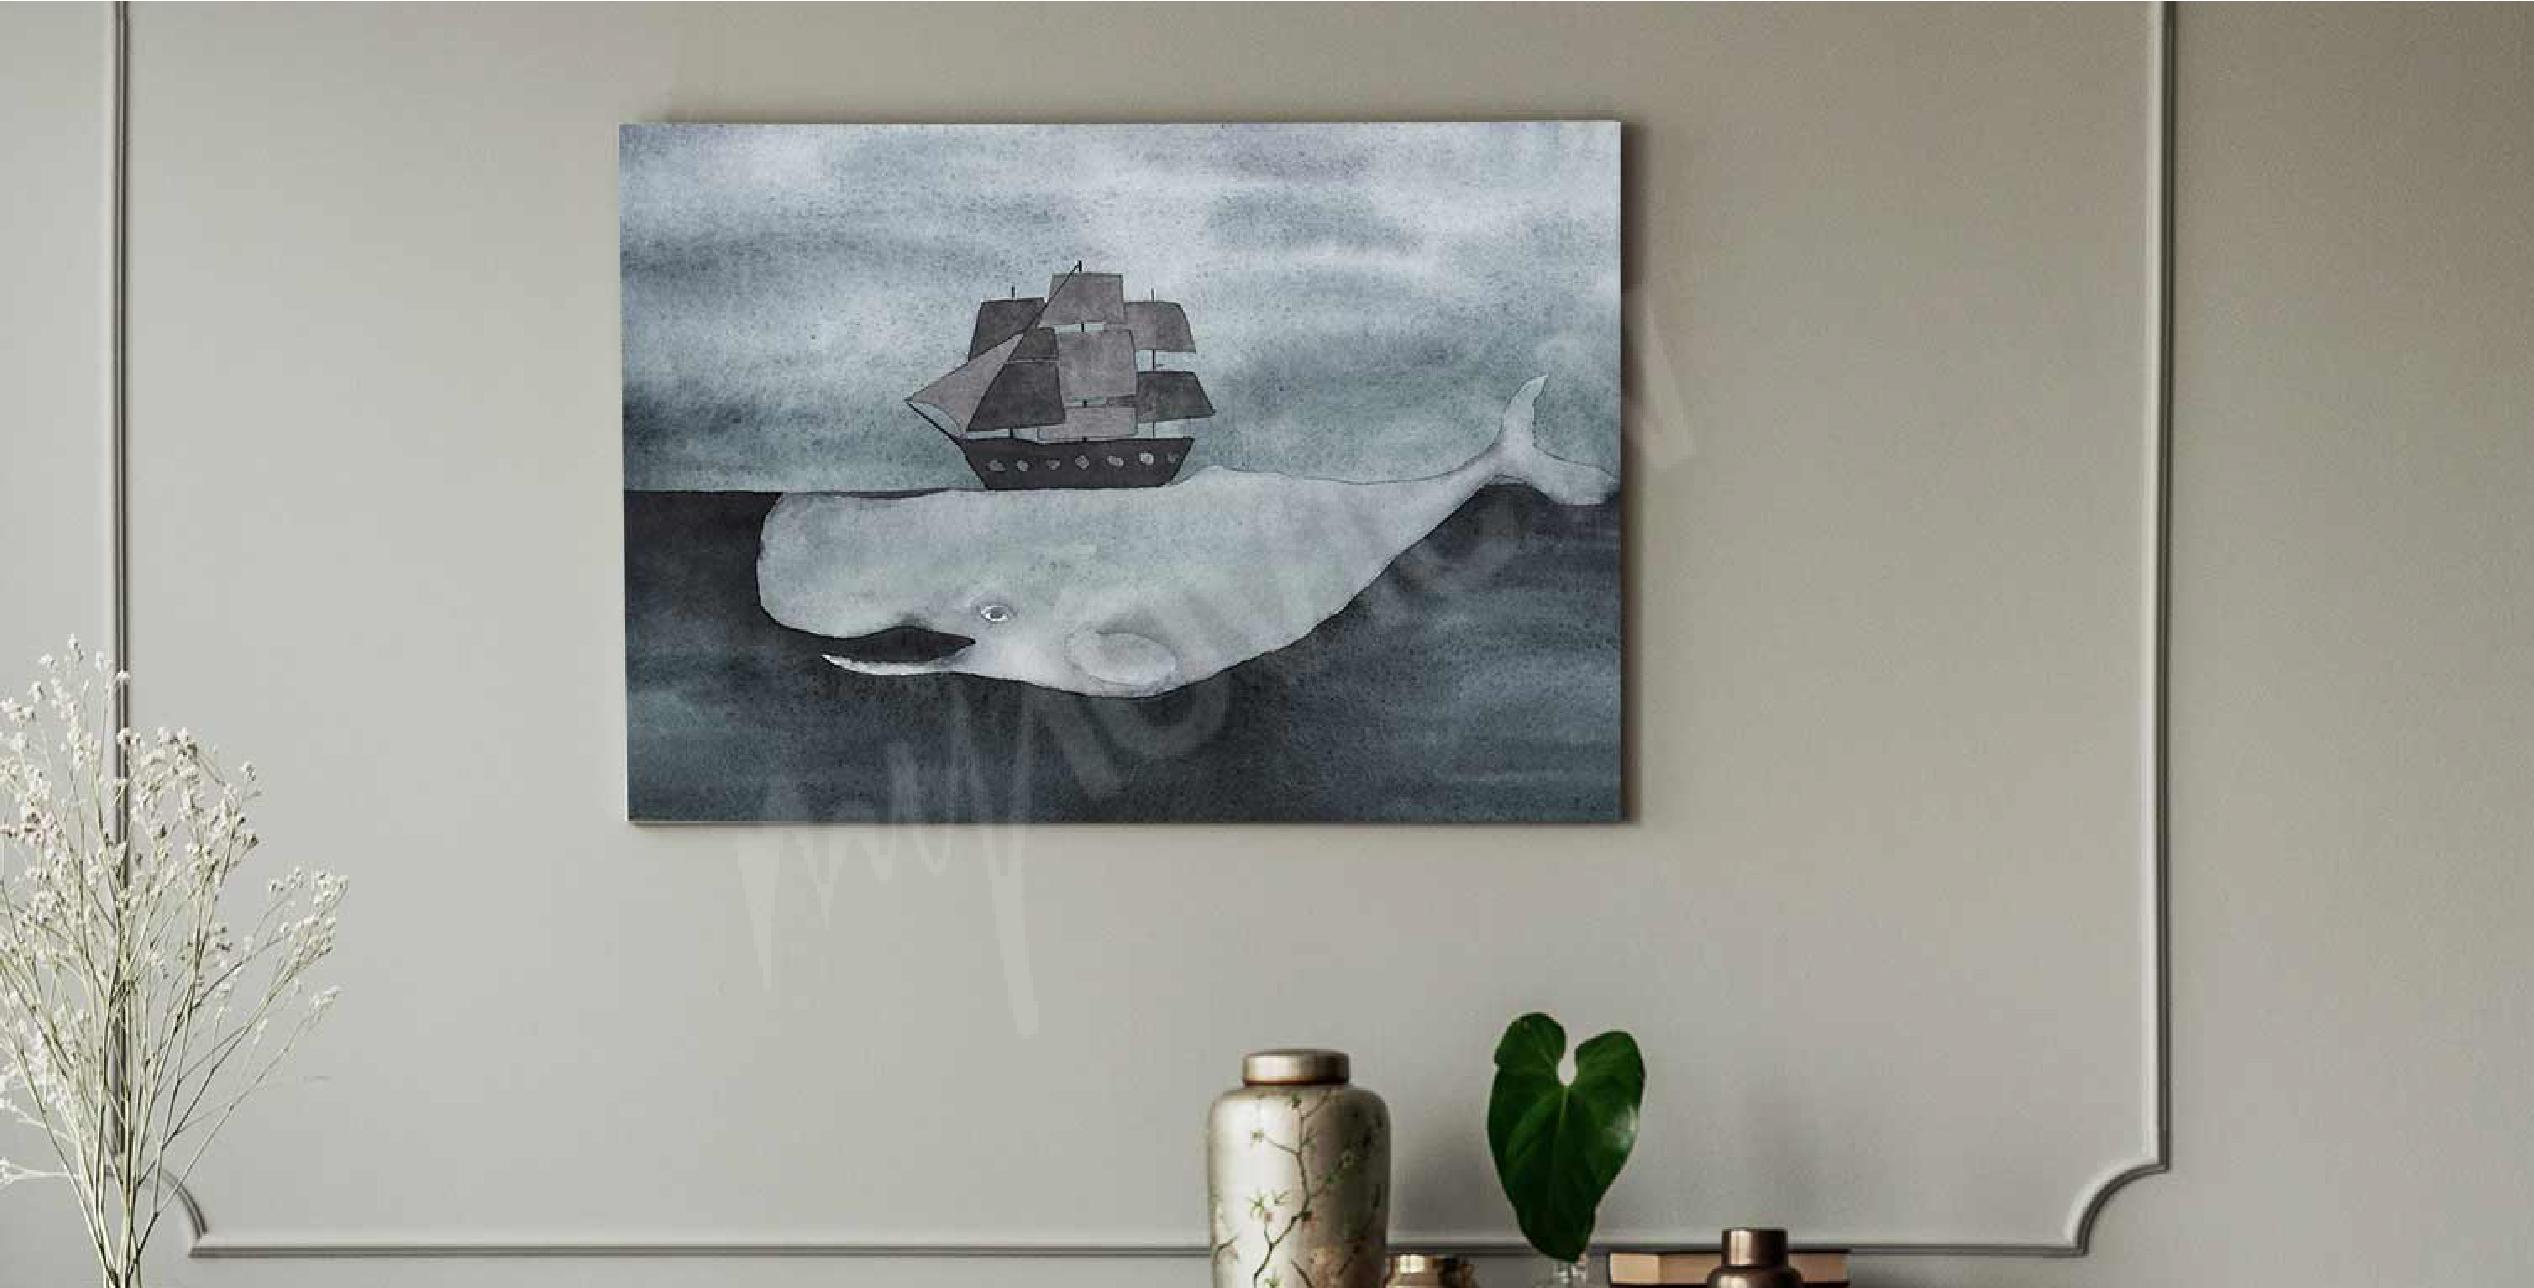 Image aquarelle avec une baleine